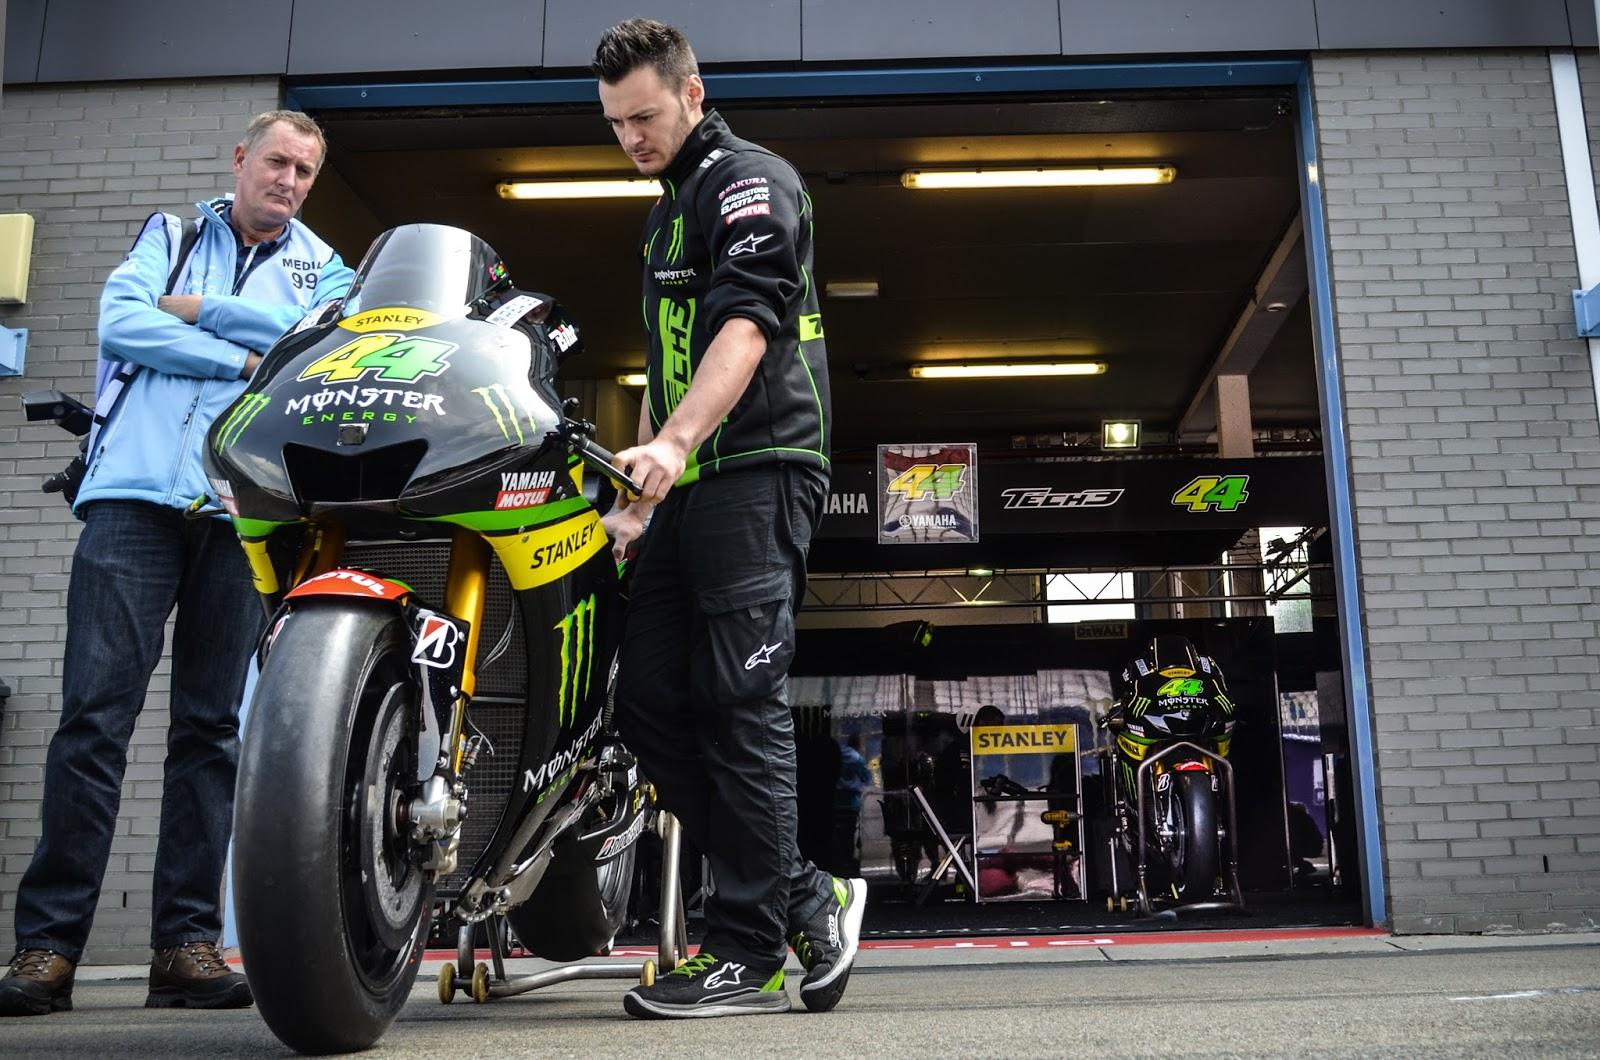 WMAI MotoGP in Assen » RaceTrackNews